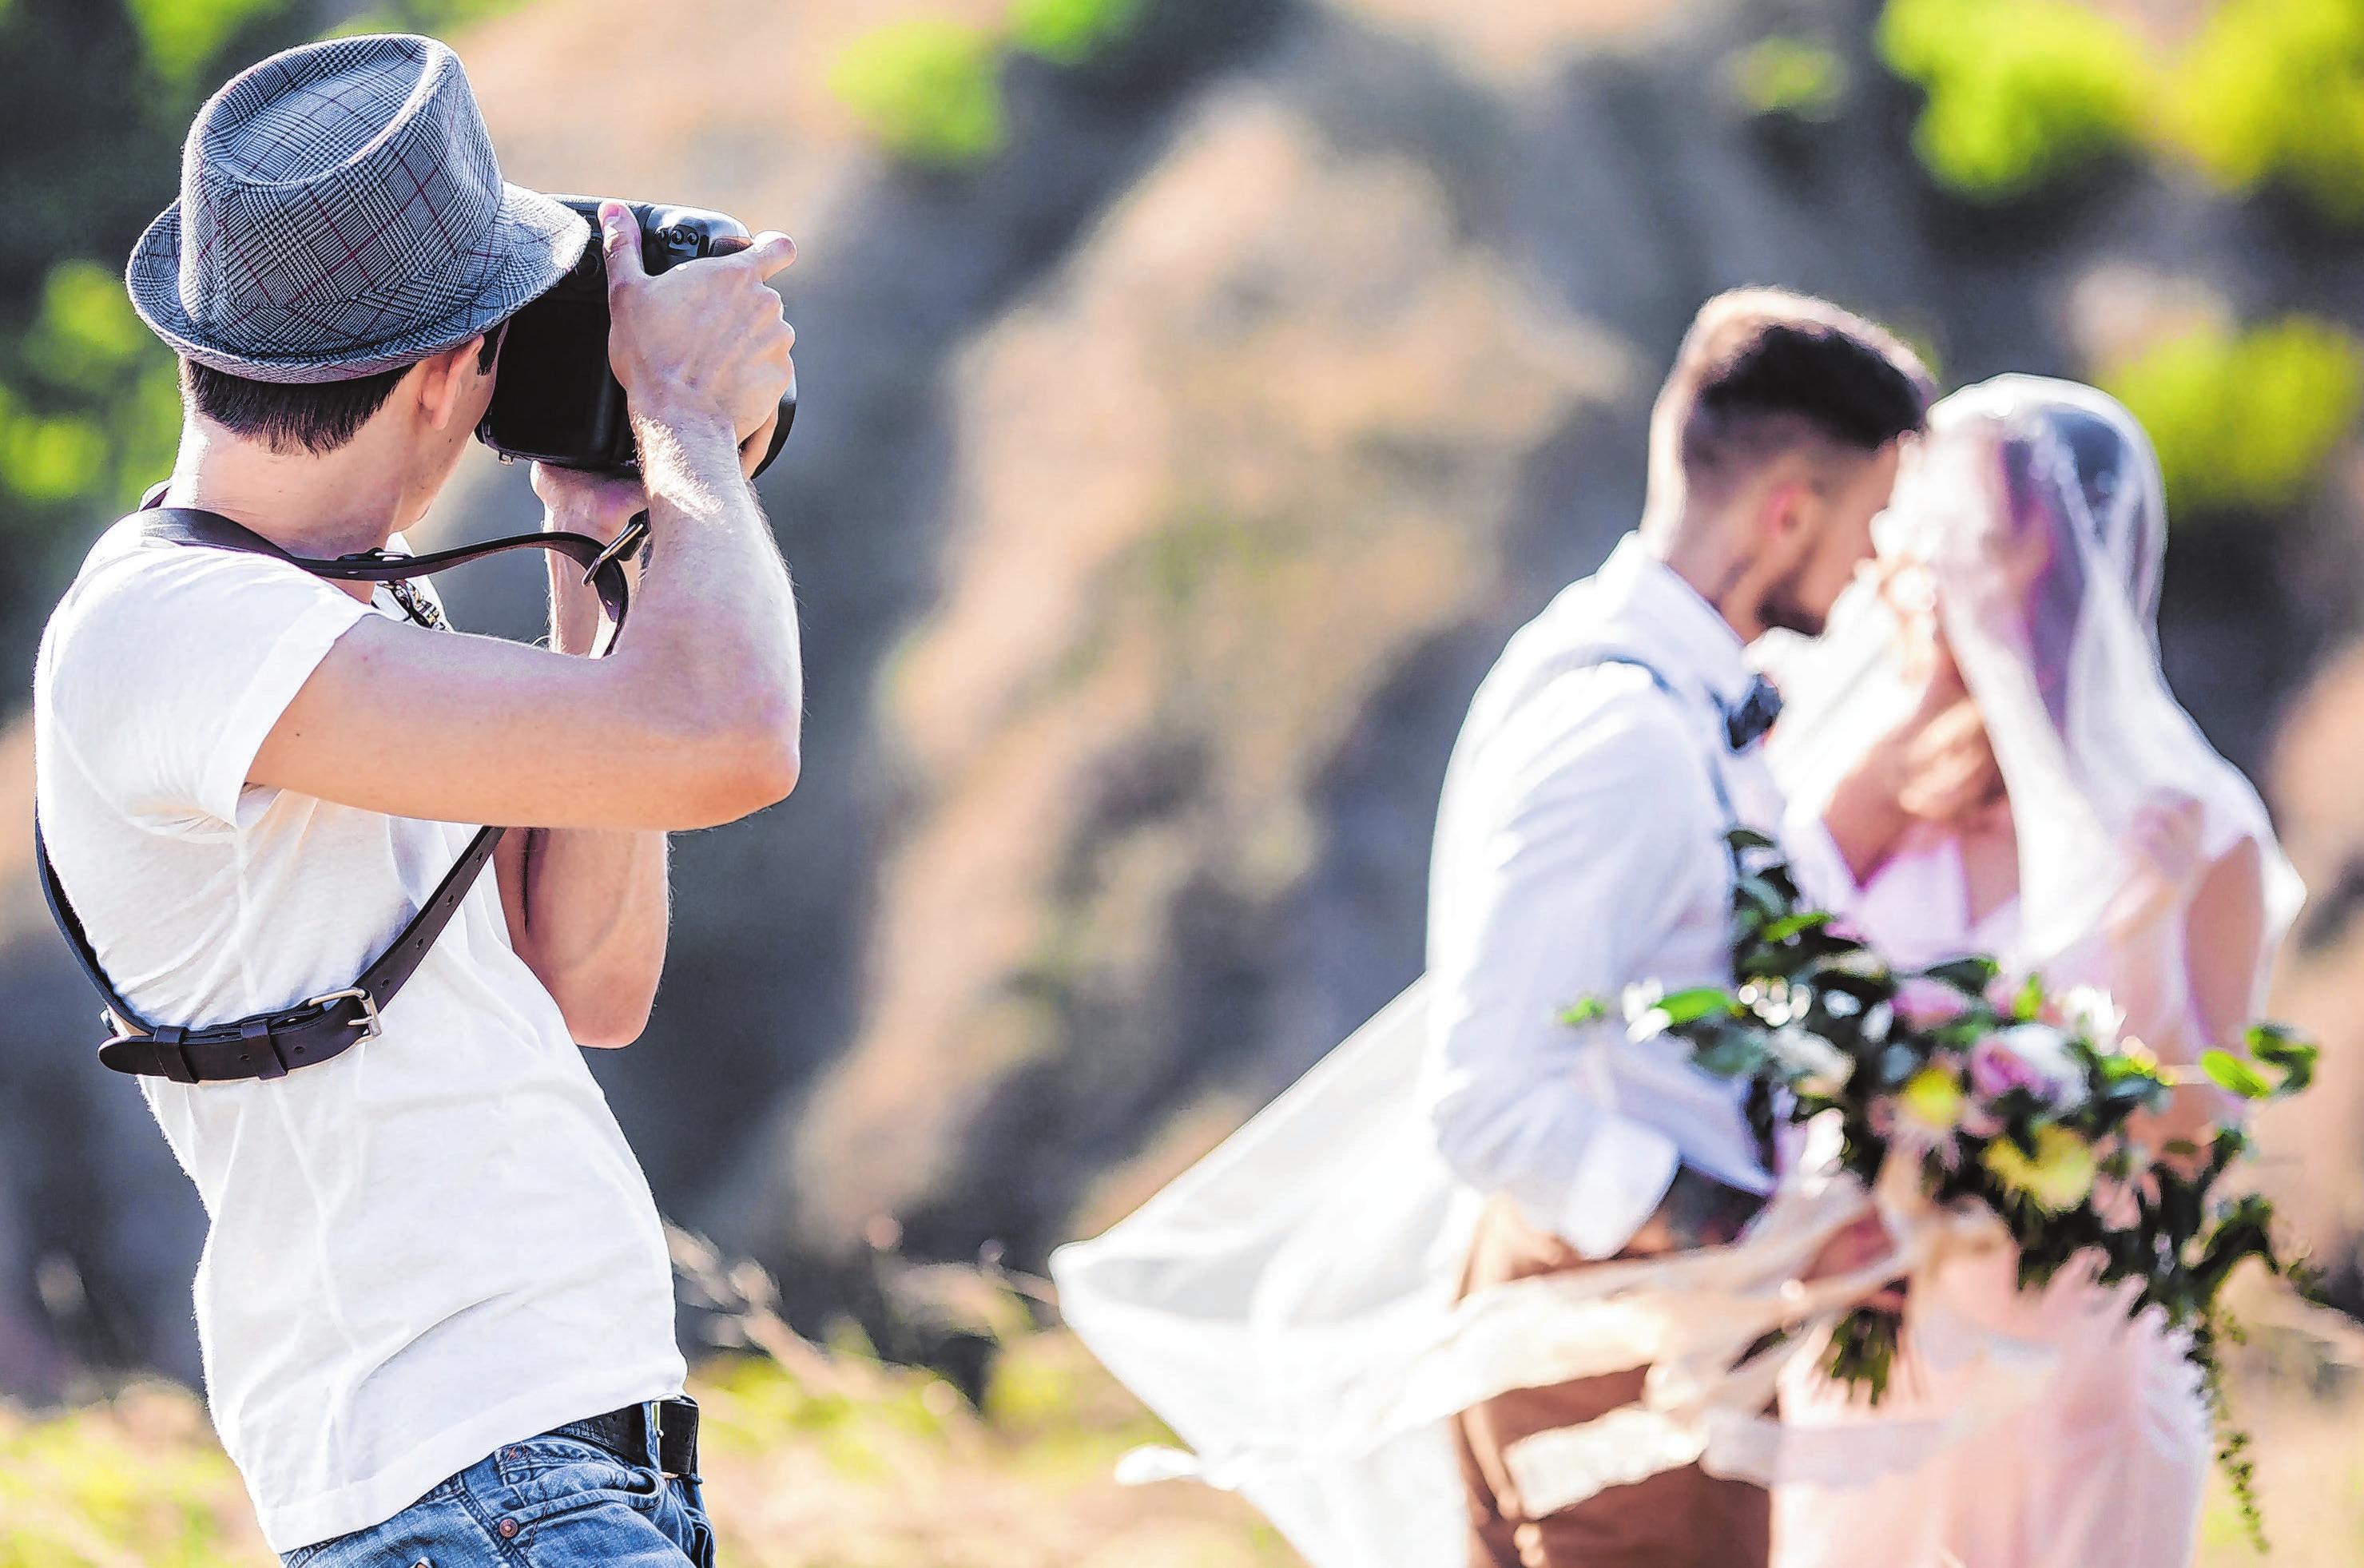 Für die Hochzeitsfotos sollte das Paar einen Profi engagieren. Foto: ©Evgenyrychko/Shutterstock.com